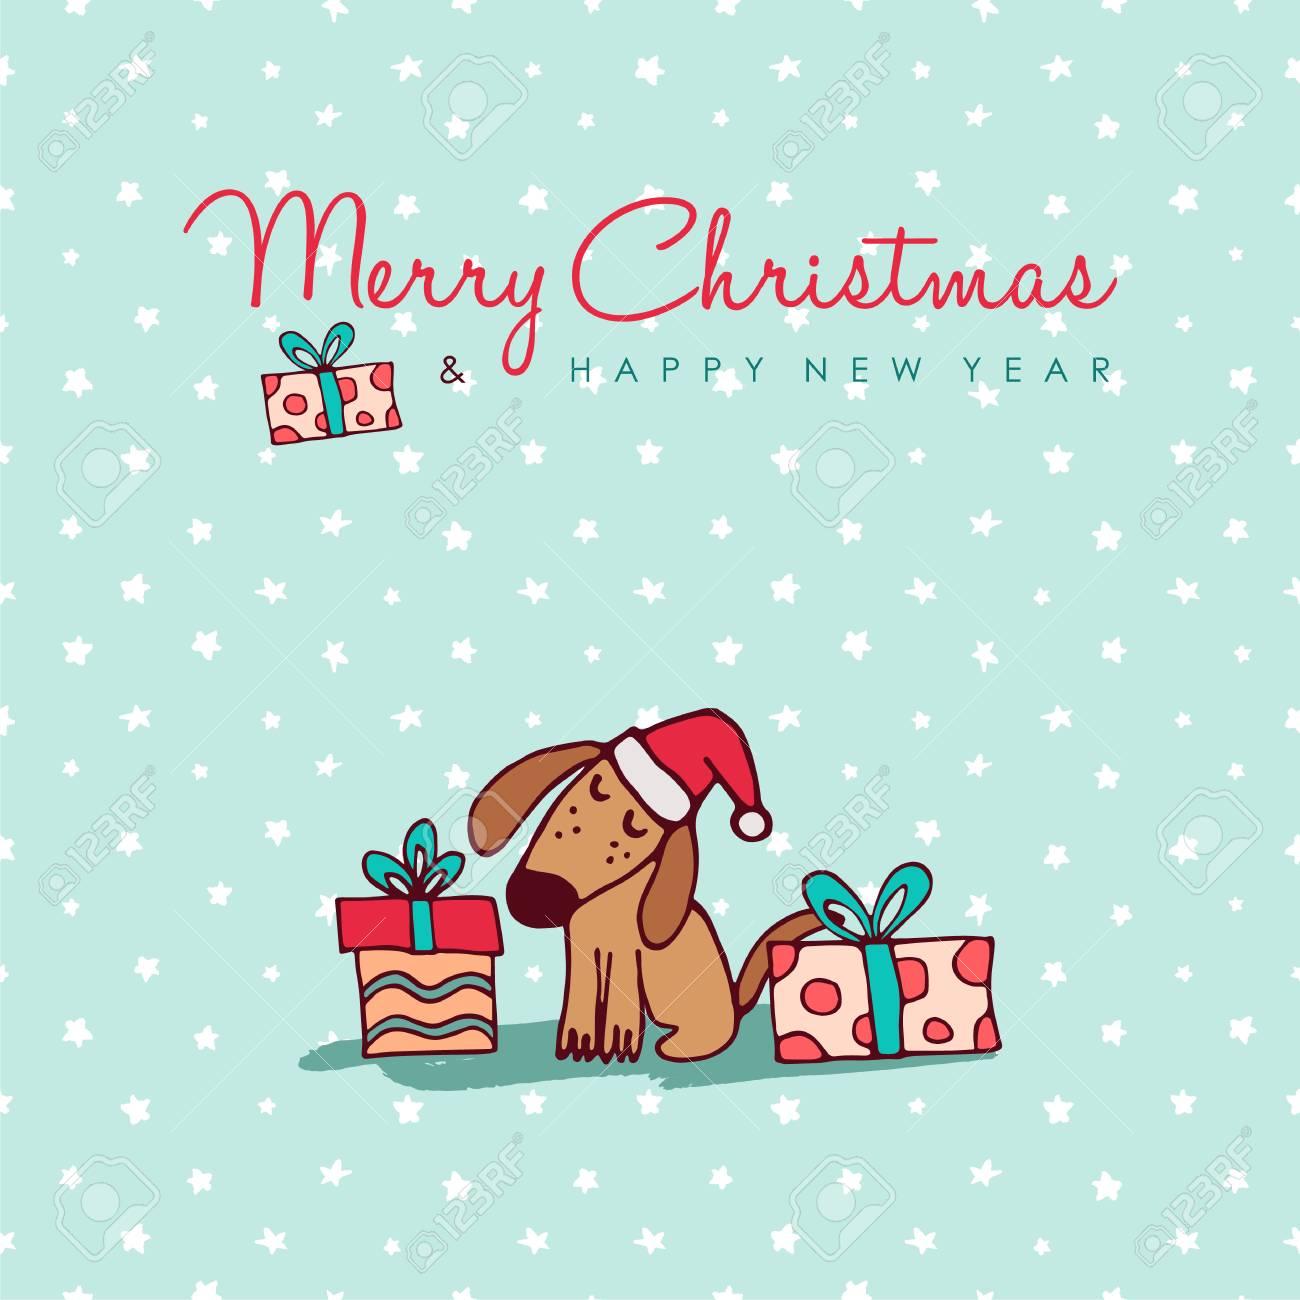 Joyeux Noël Bonne Année Dessinée à La Main Dessinée Illustration De Carte De Voeux De Chien Chiot Drôle Dans Le Chapeau De Père Noël Avec Des Boîtes